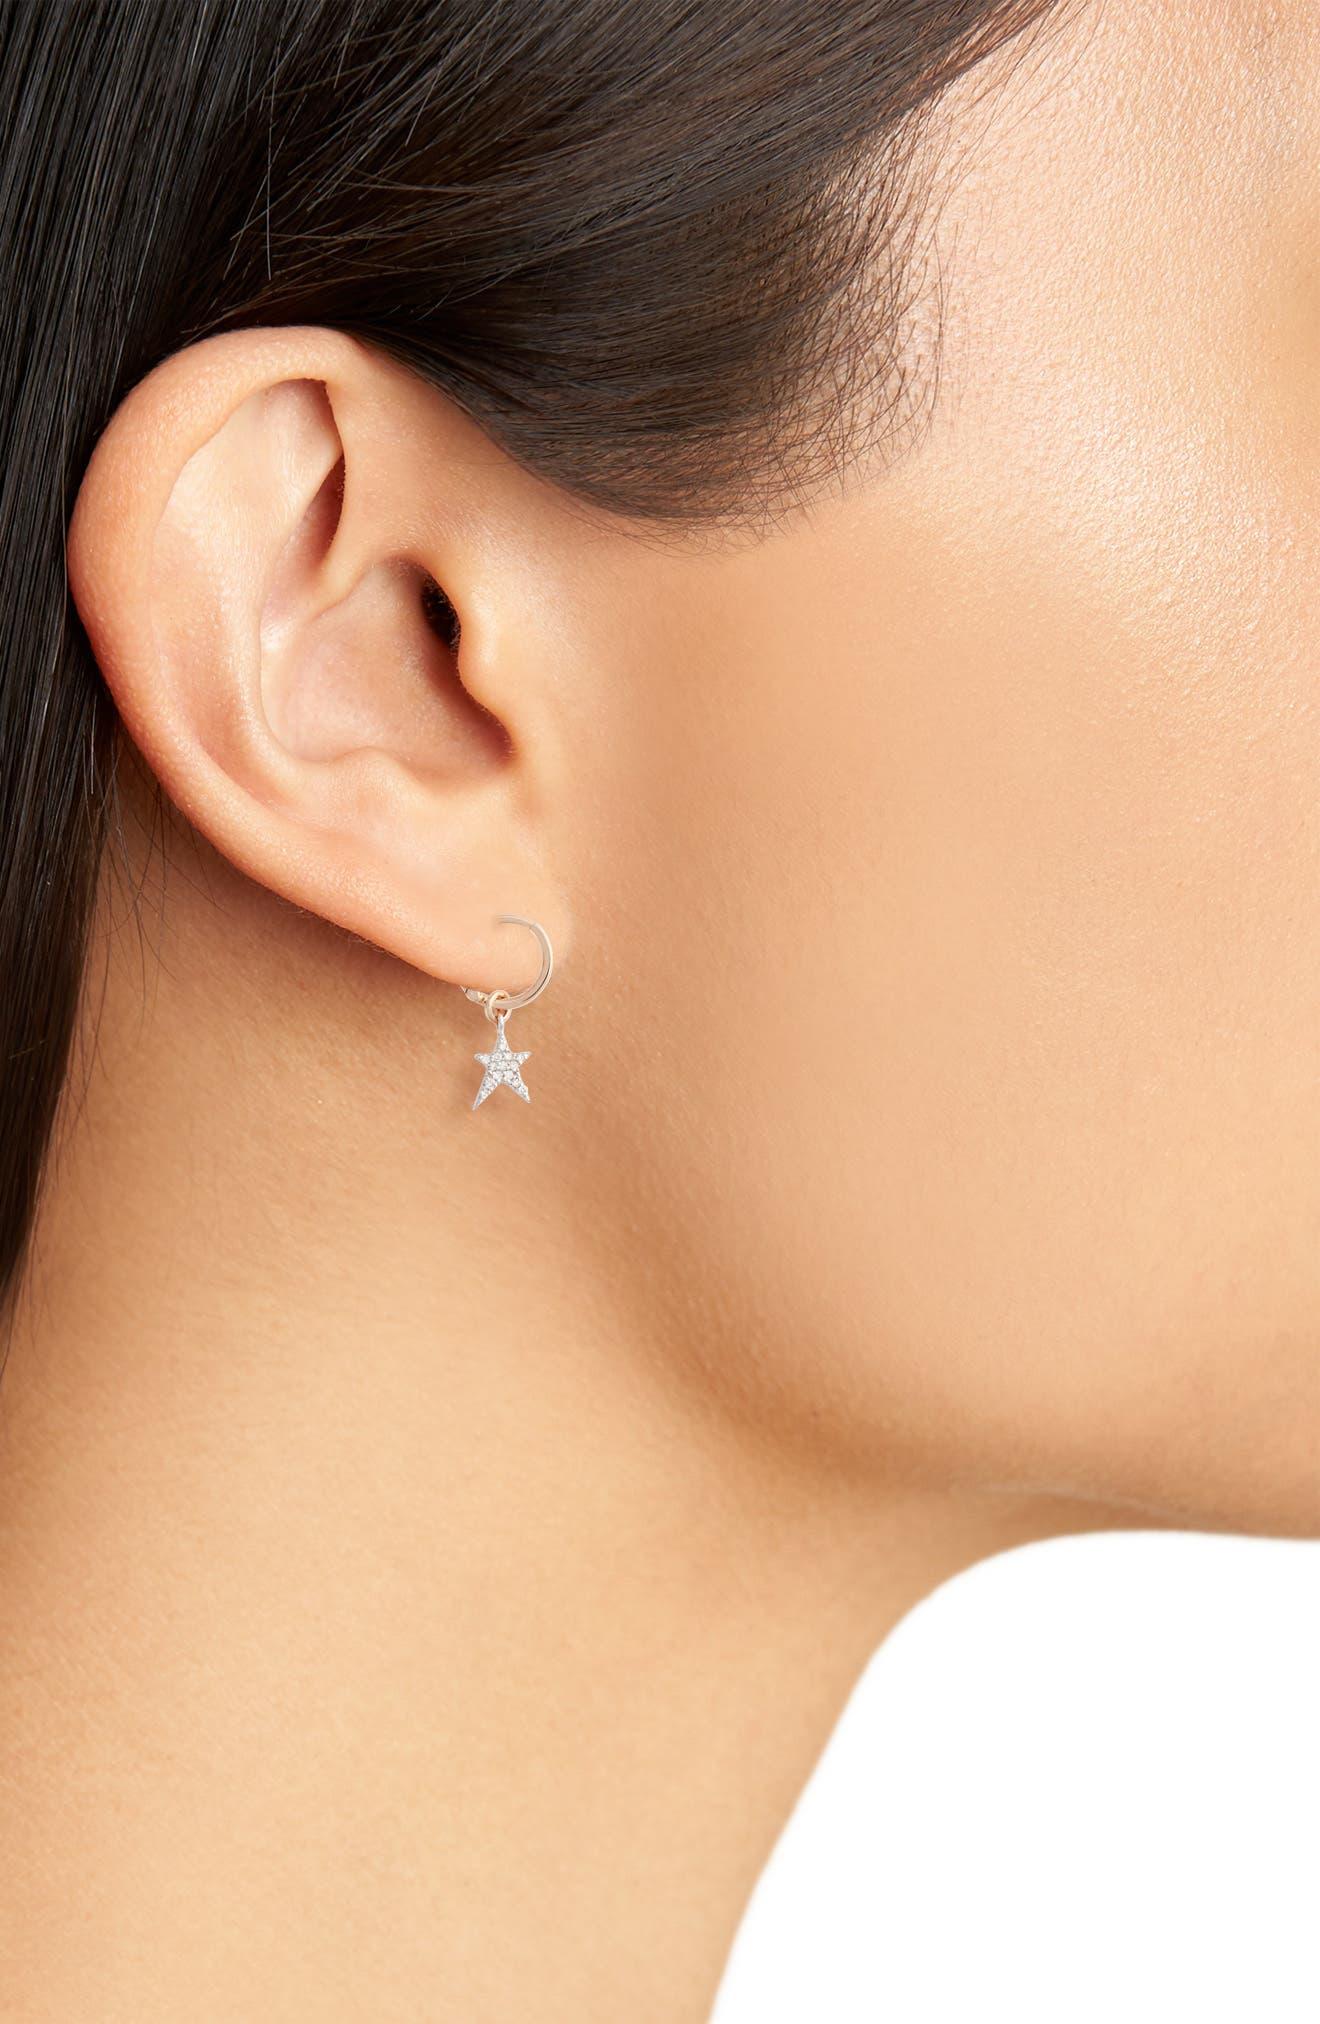 Diamond Starstruck Small Hoop Earring,                             Alternate thumbnail 2, color,                             ROSE GOLD